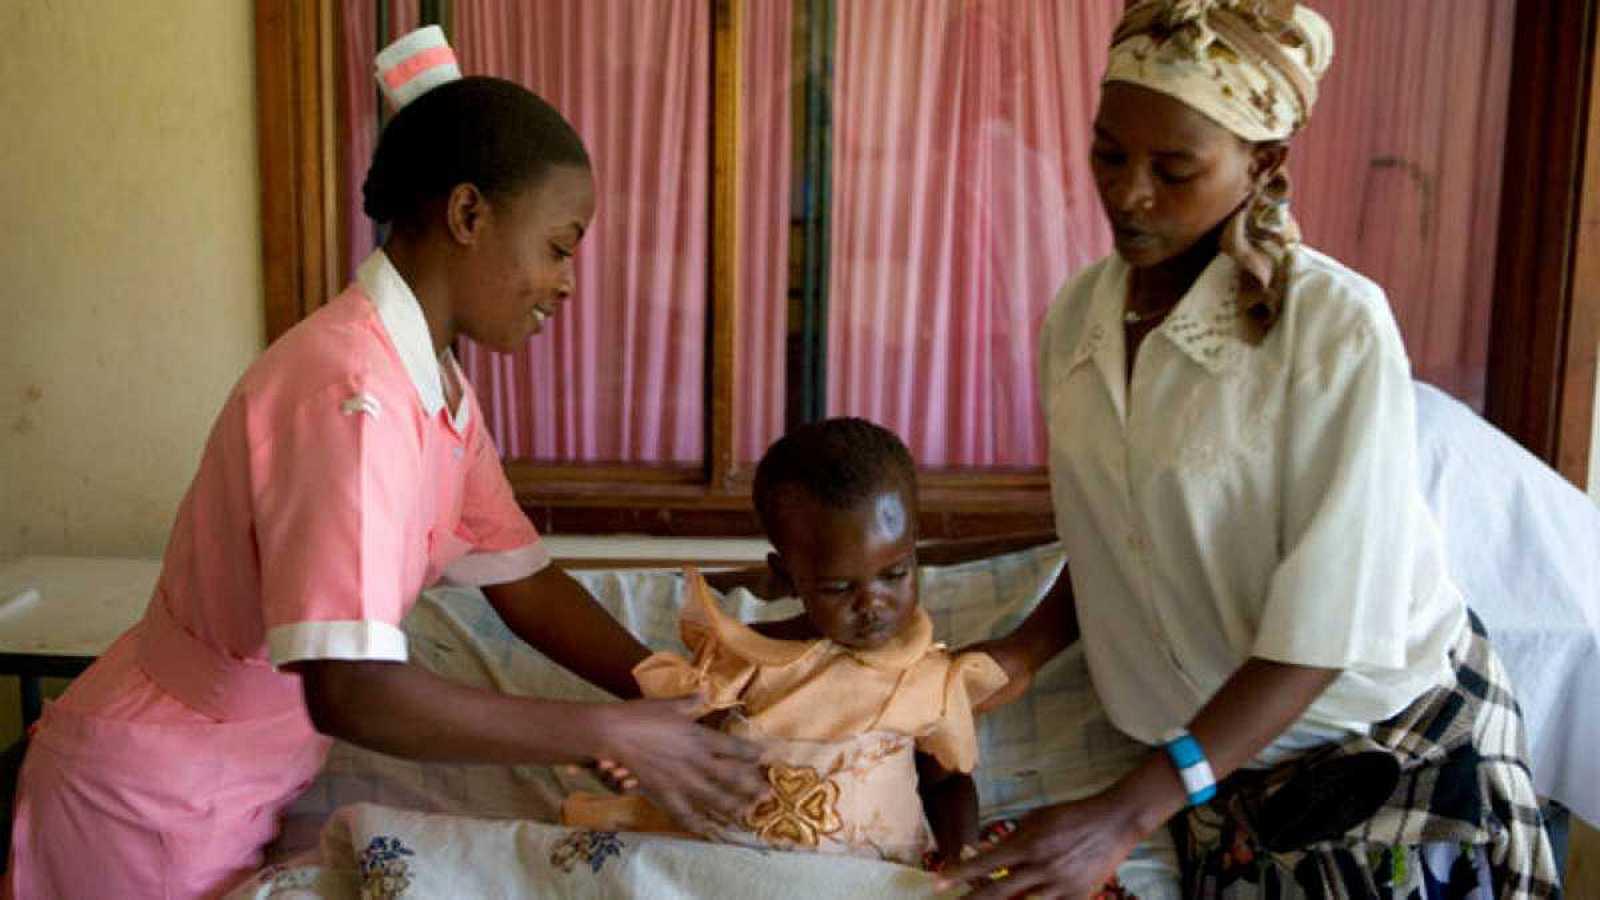 África hoy - La malaria en mujeres y niños en países africanos - 01/03/21 - escuchar ahora